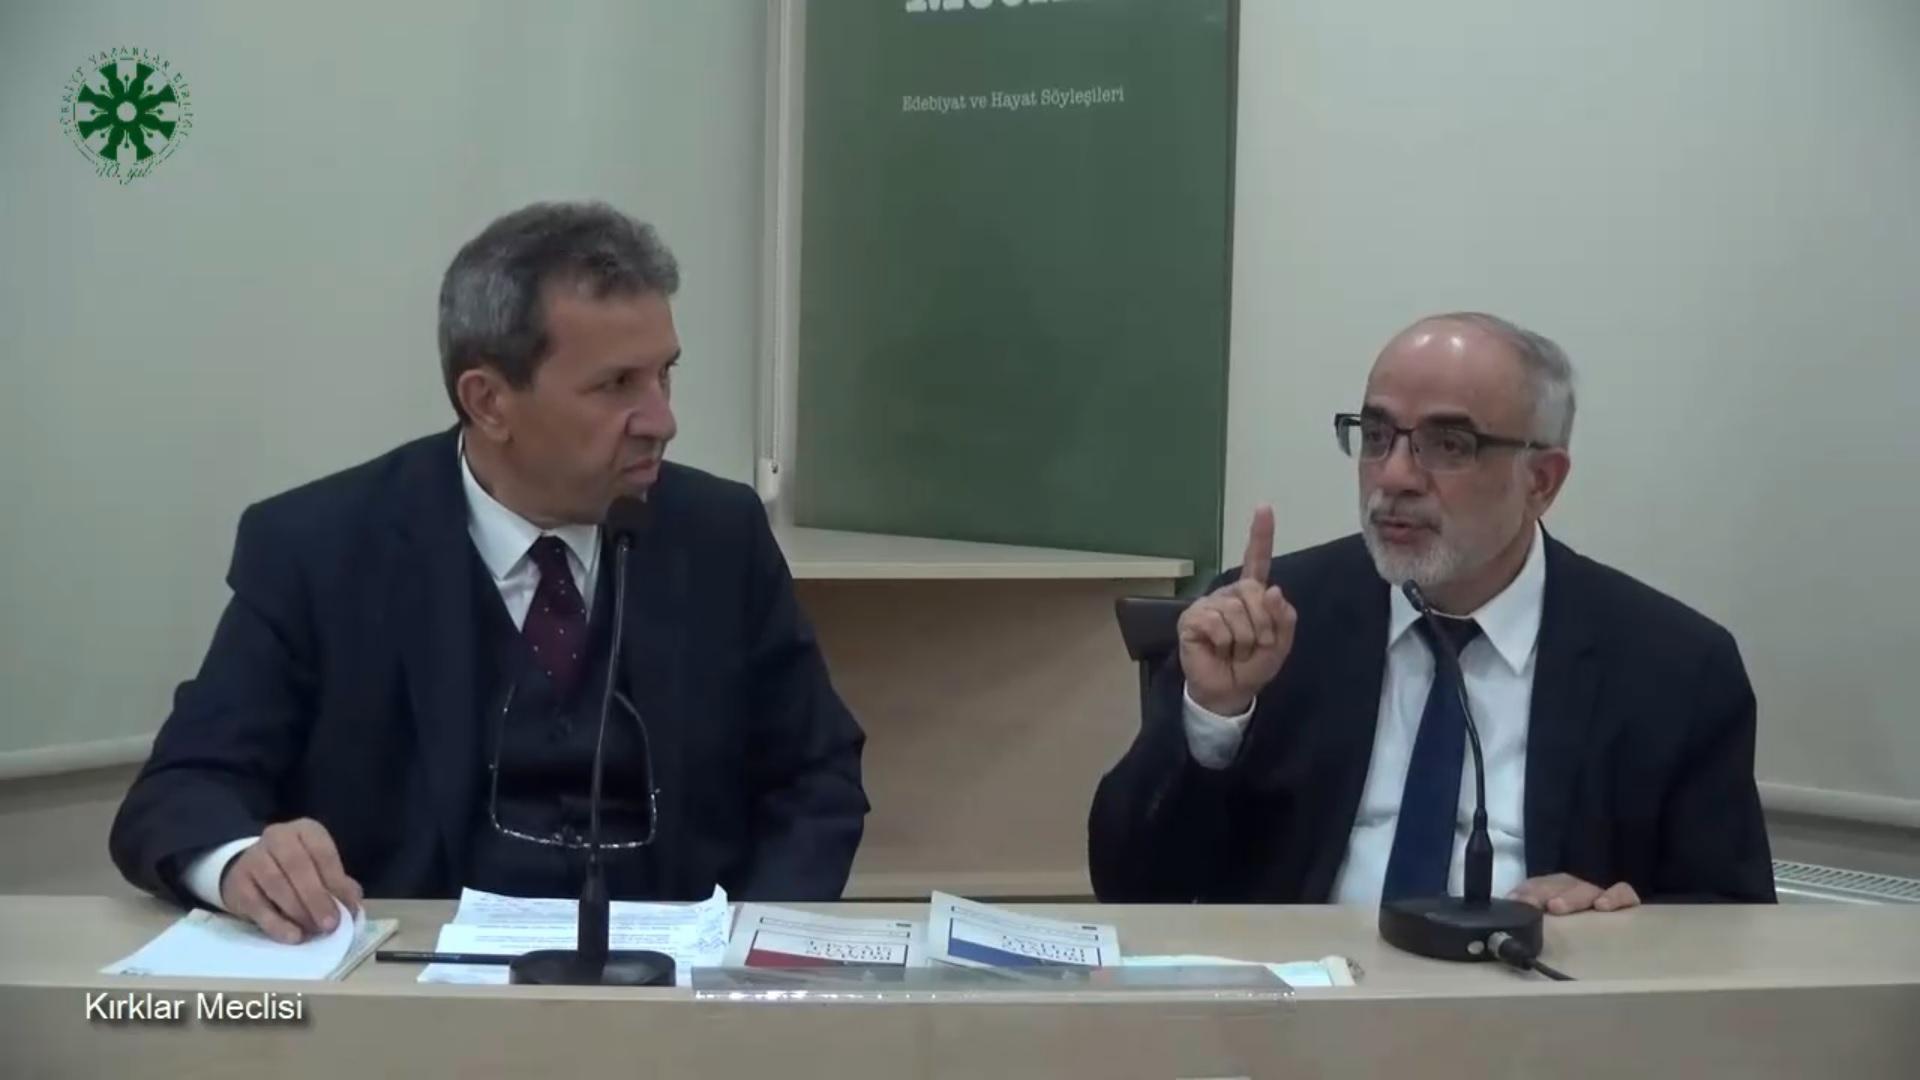 Kırklar Meclisi -12- Mustafa Özel